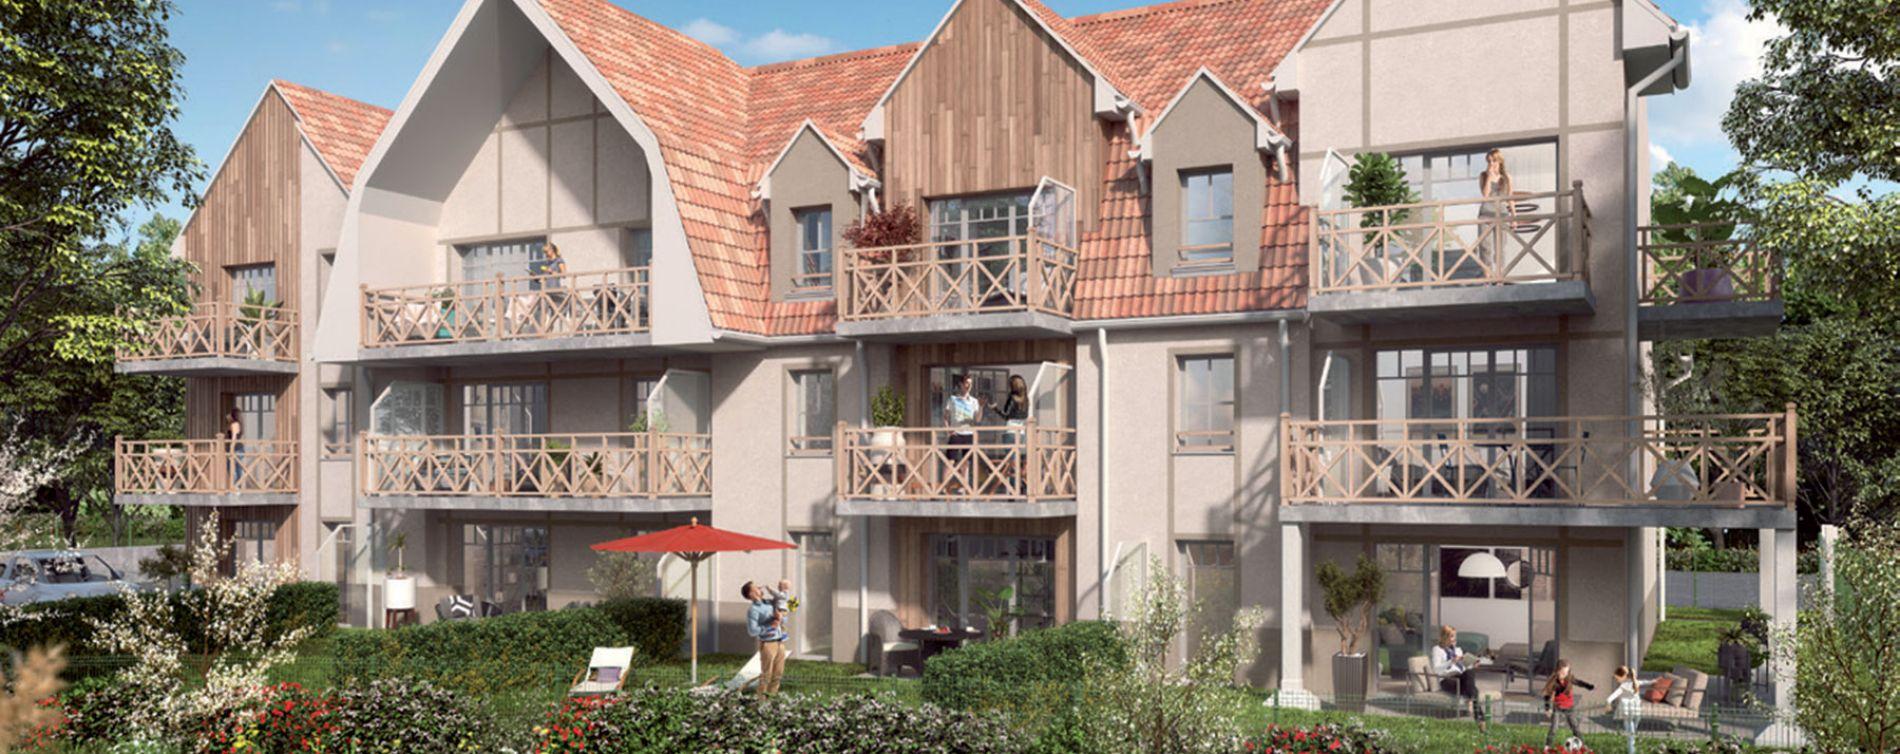 Saigneville : programme immobilier neuve « Les Hauts de Saint-Val »